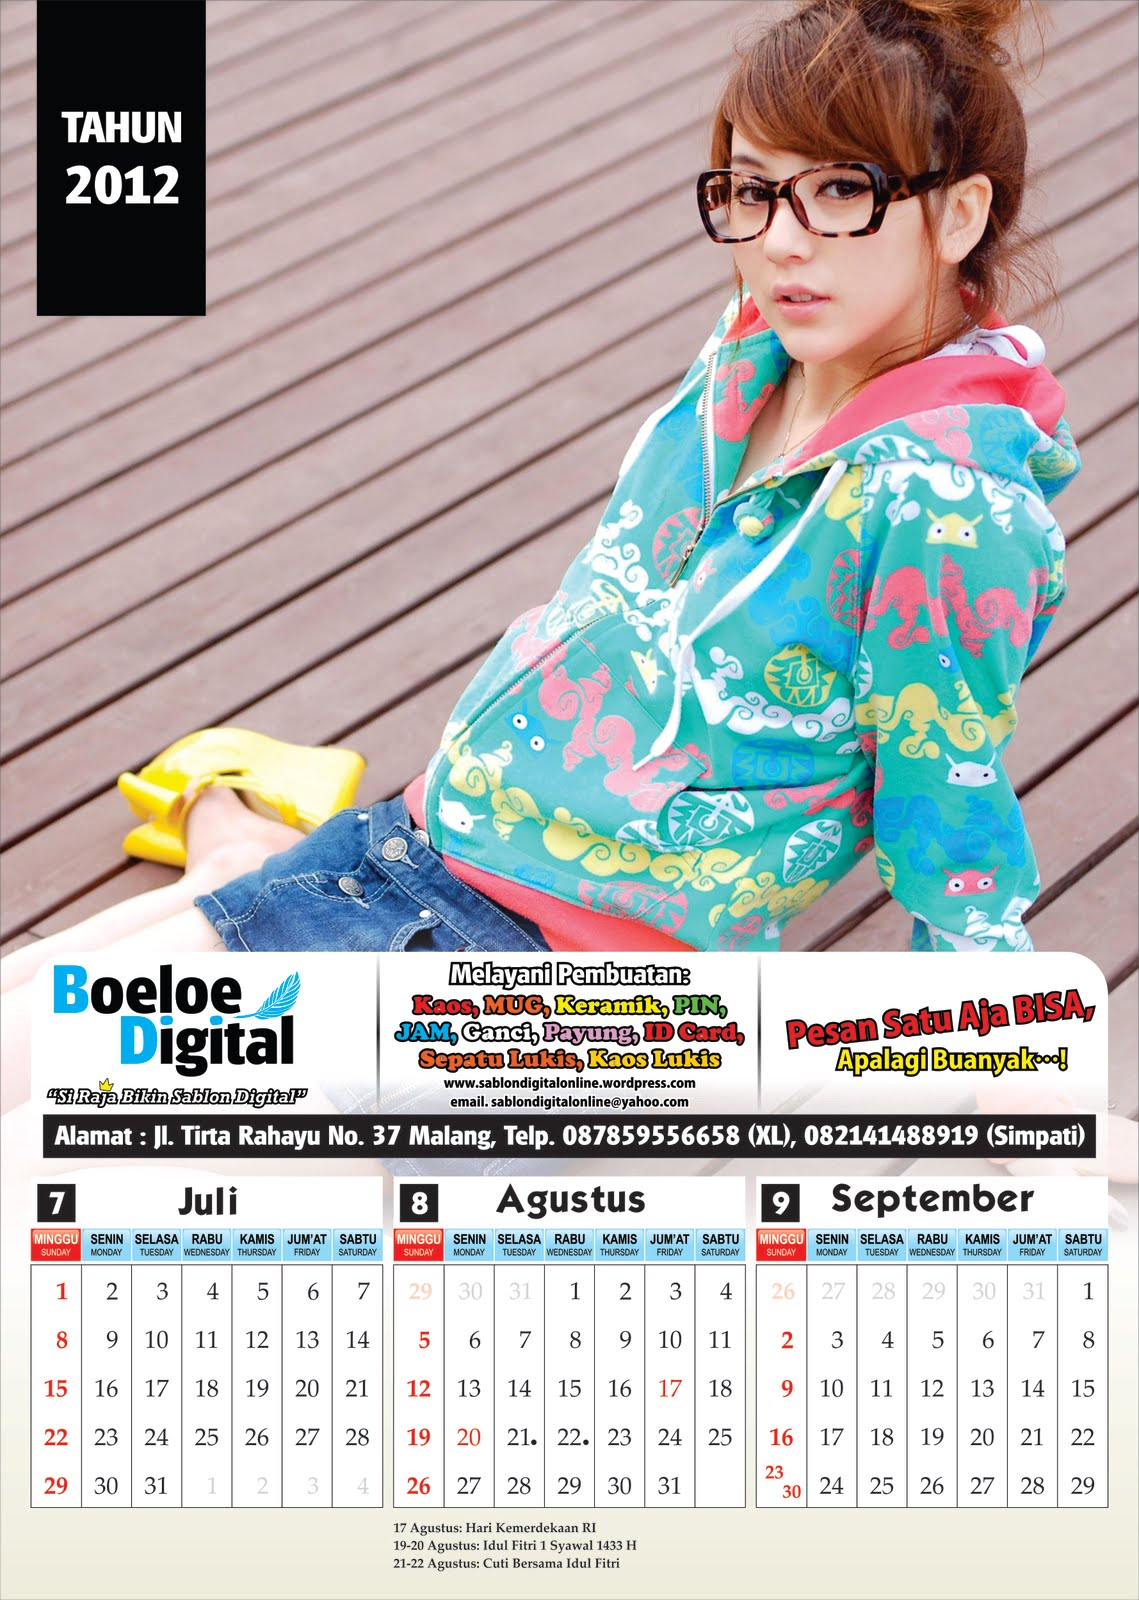 kalender 2013 indonesia lengkap gratis beserta hari libur kalender